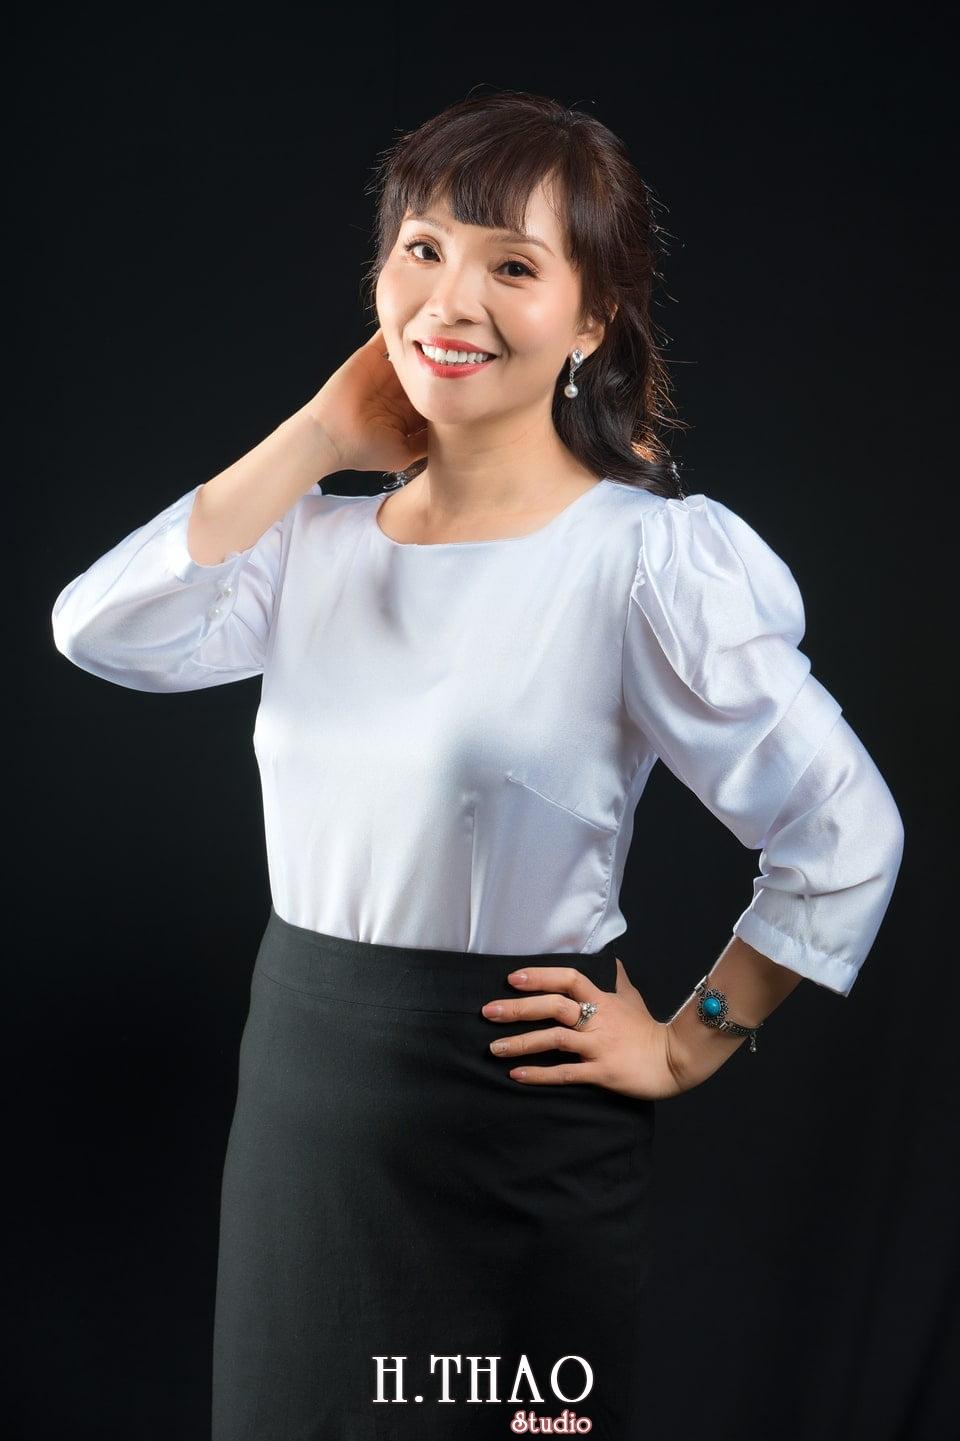 Chi Quynh 13 - Bộ ảnh Doanh nhân, Tiến sĩ V.T.B Quỳnh đẹp, sang trọng - HThao Studio